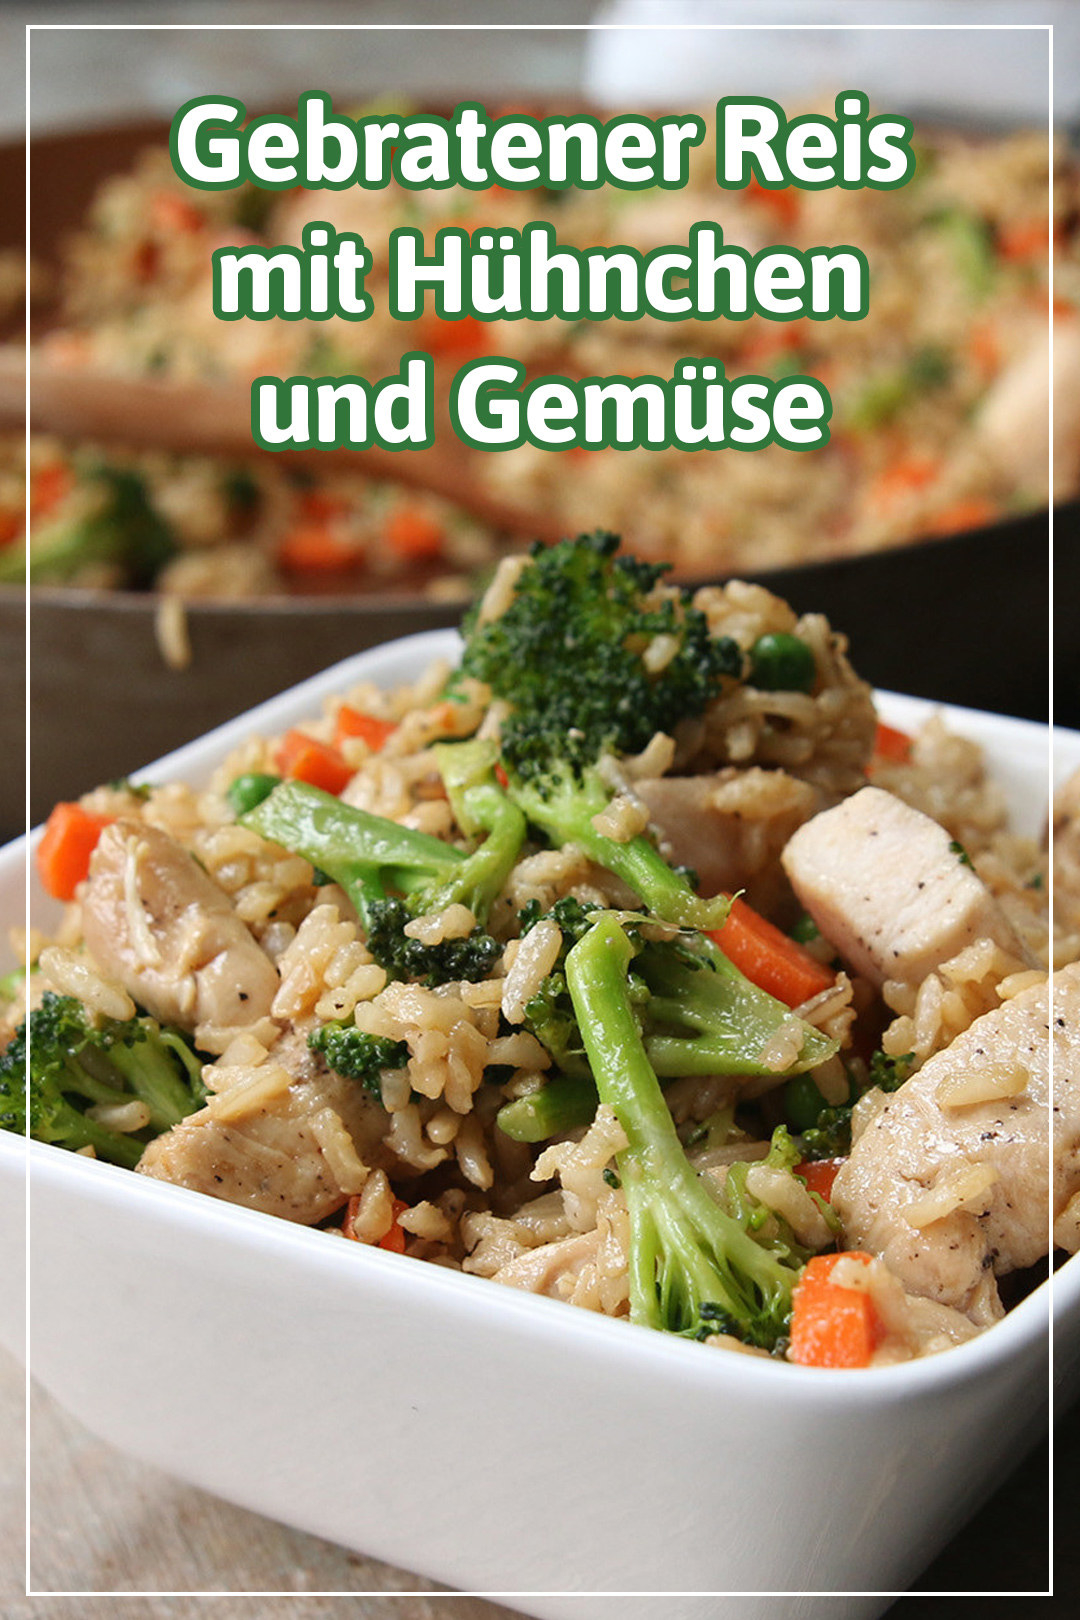 Dieser leichte und gesunde Bratreis mit Hühnchen und Gemüse ist das perfekte Abendessen